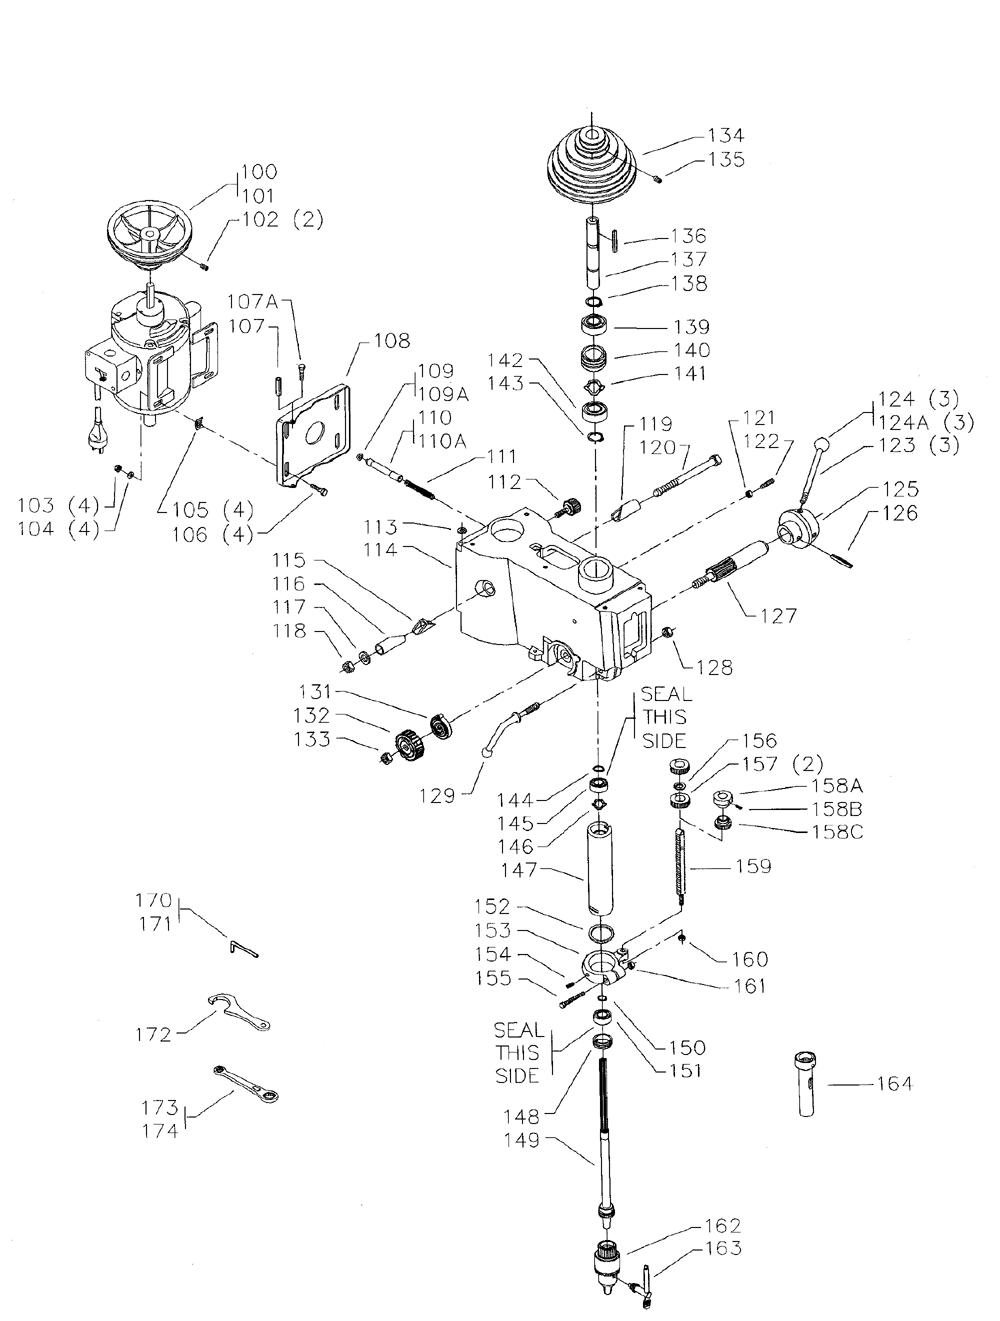 15-263-Delta-T2-PB-1Break Down